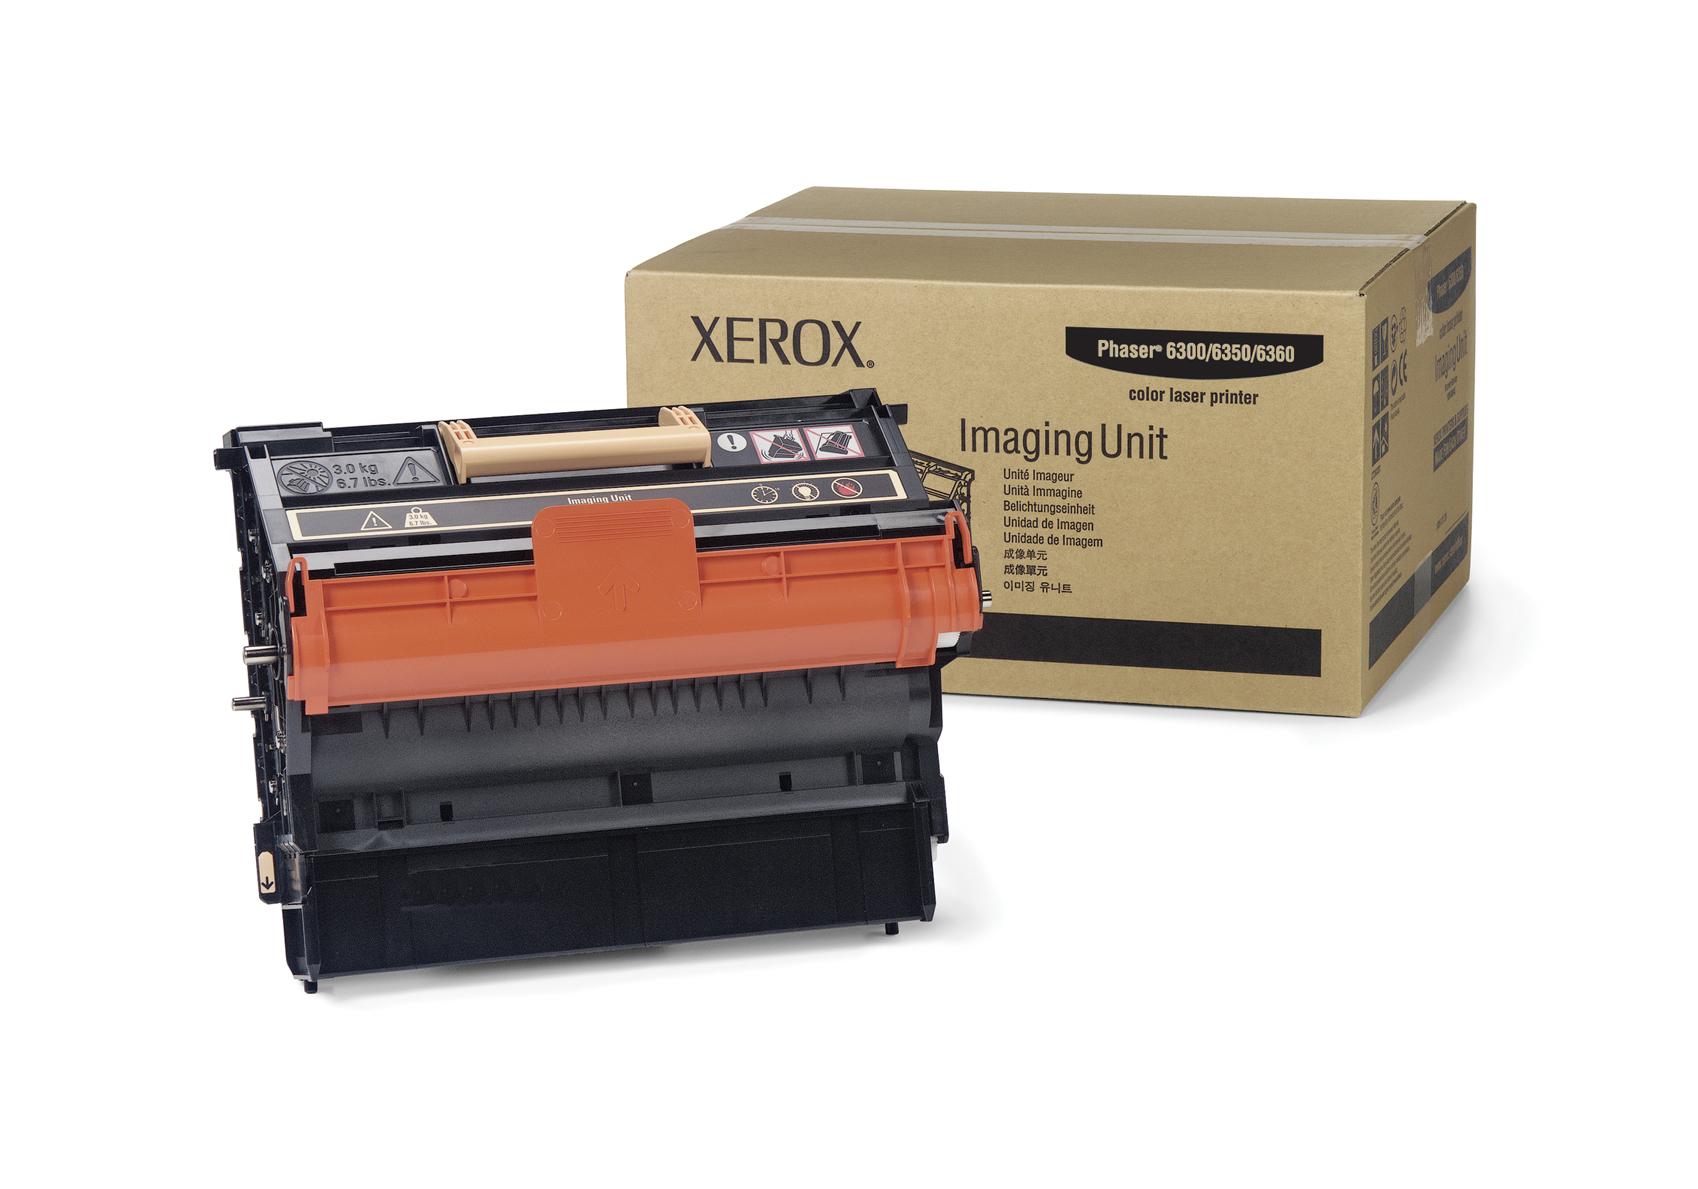 Xerox Unidad De Impresión Phaser 6300/6350/6360